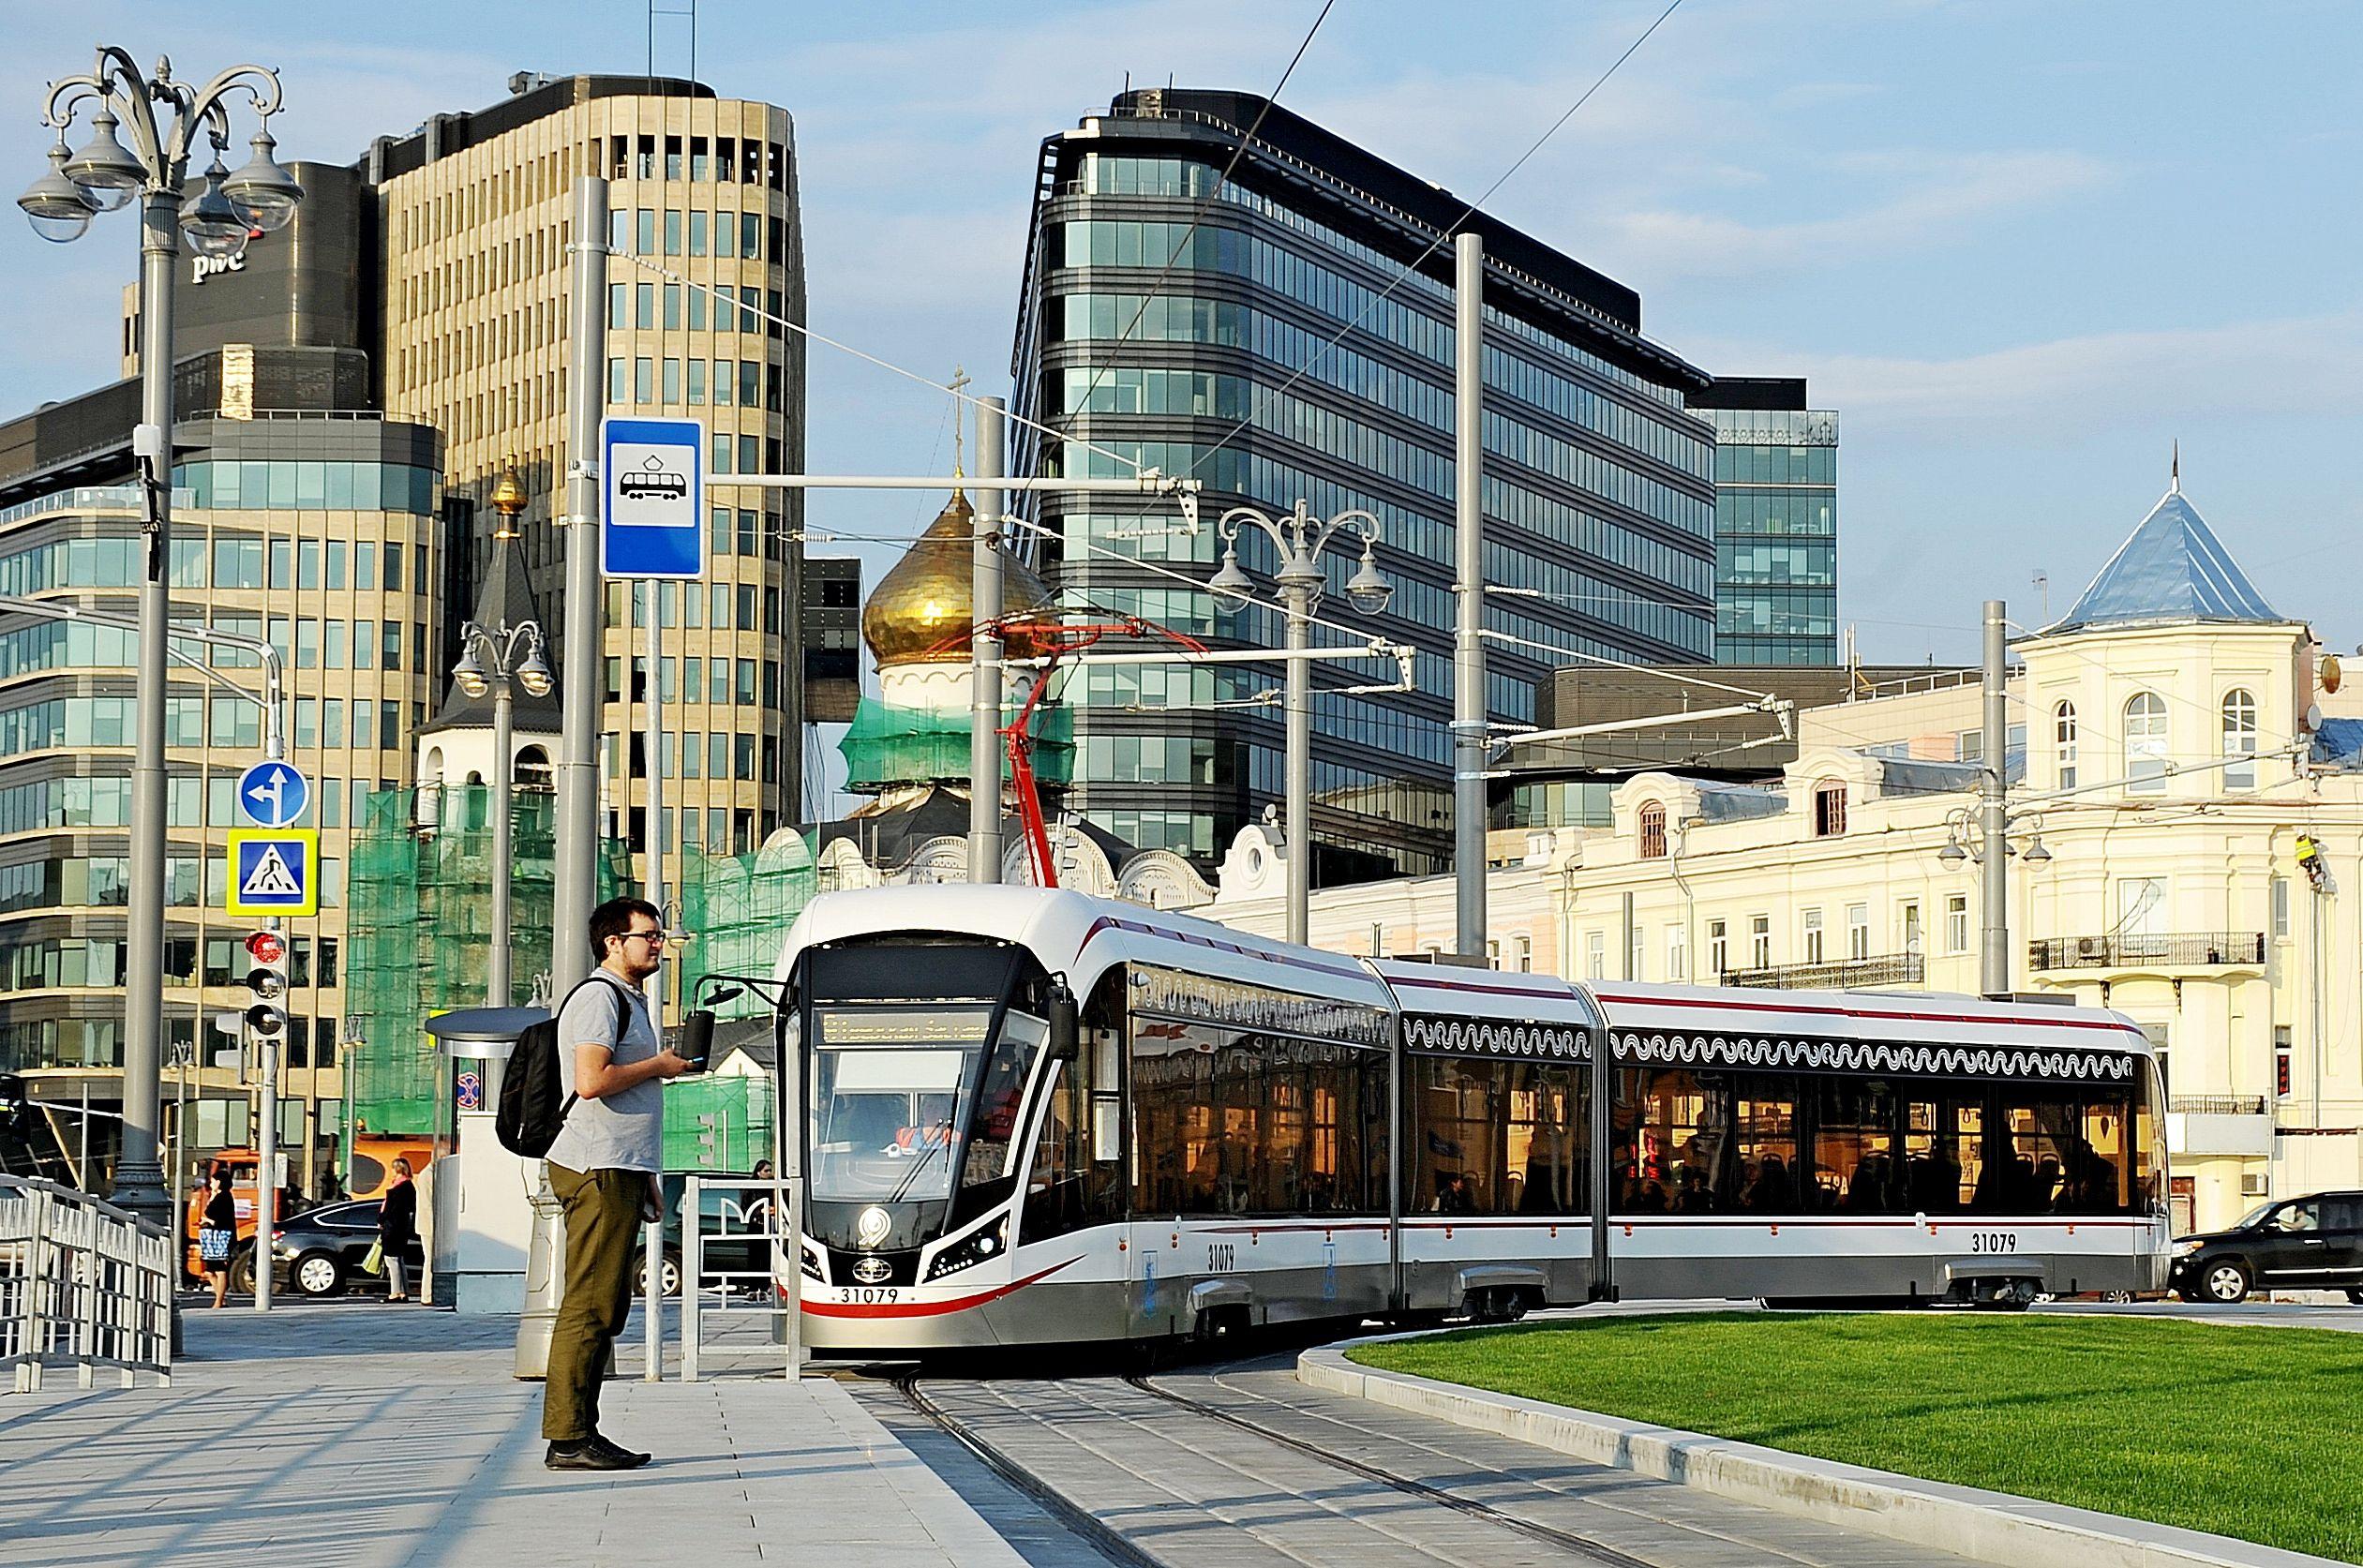 Пассажиропоток трамваев «Витязь-Москва» превысил 340 тысяч человек в день